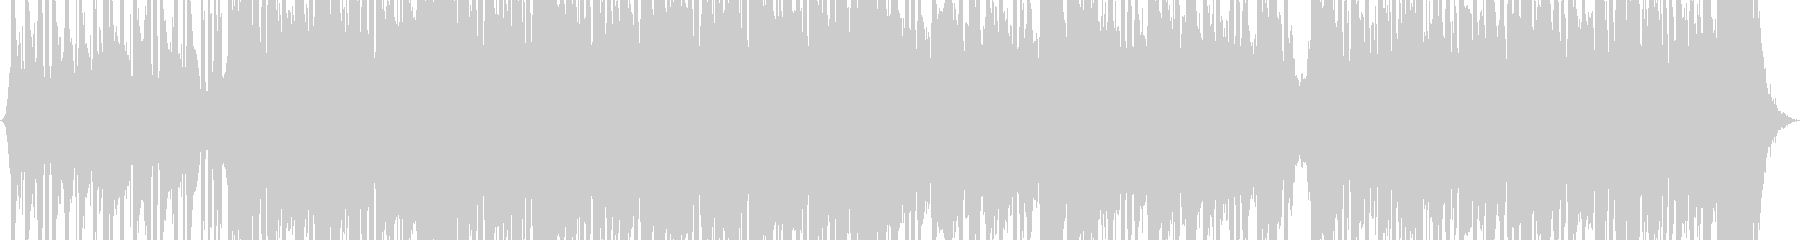 スタイリッシュなインディーロックの未再生の波形